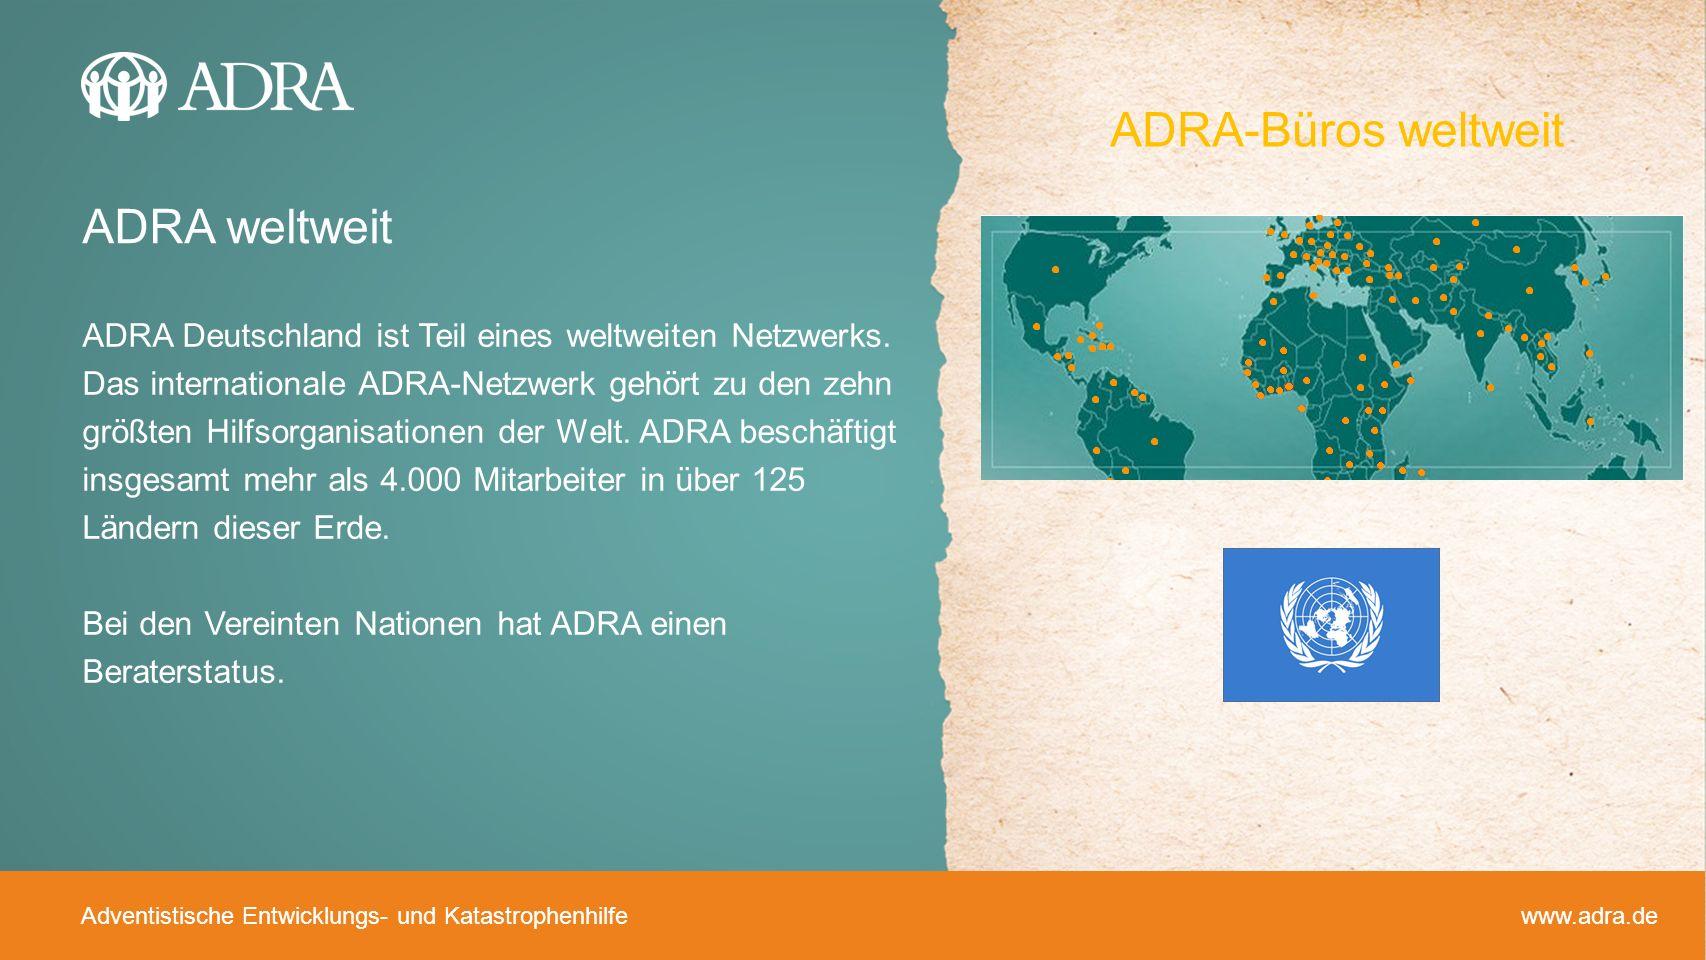 Adventistische Entwicklungs- und Katastrophenhilfe www.adra.de … ist es, allen Menschen zu dienen - unabhängig ihrer Religion oder ethnischen Herkunft.